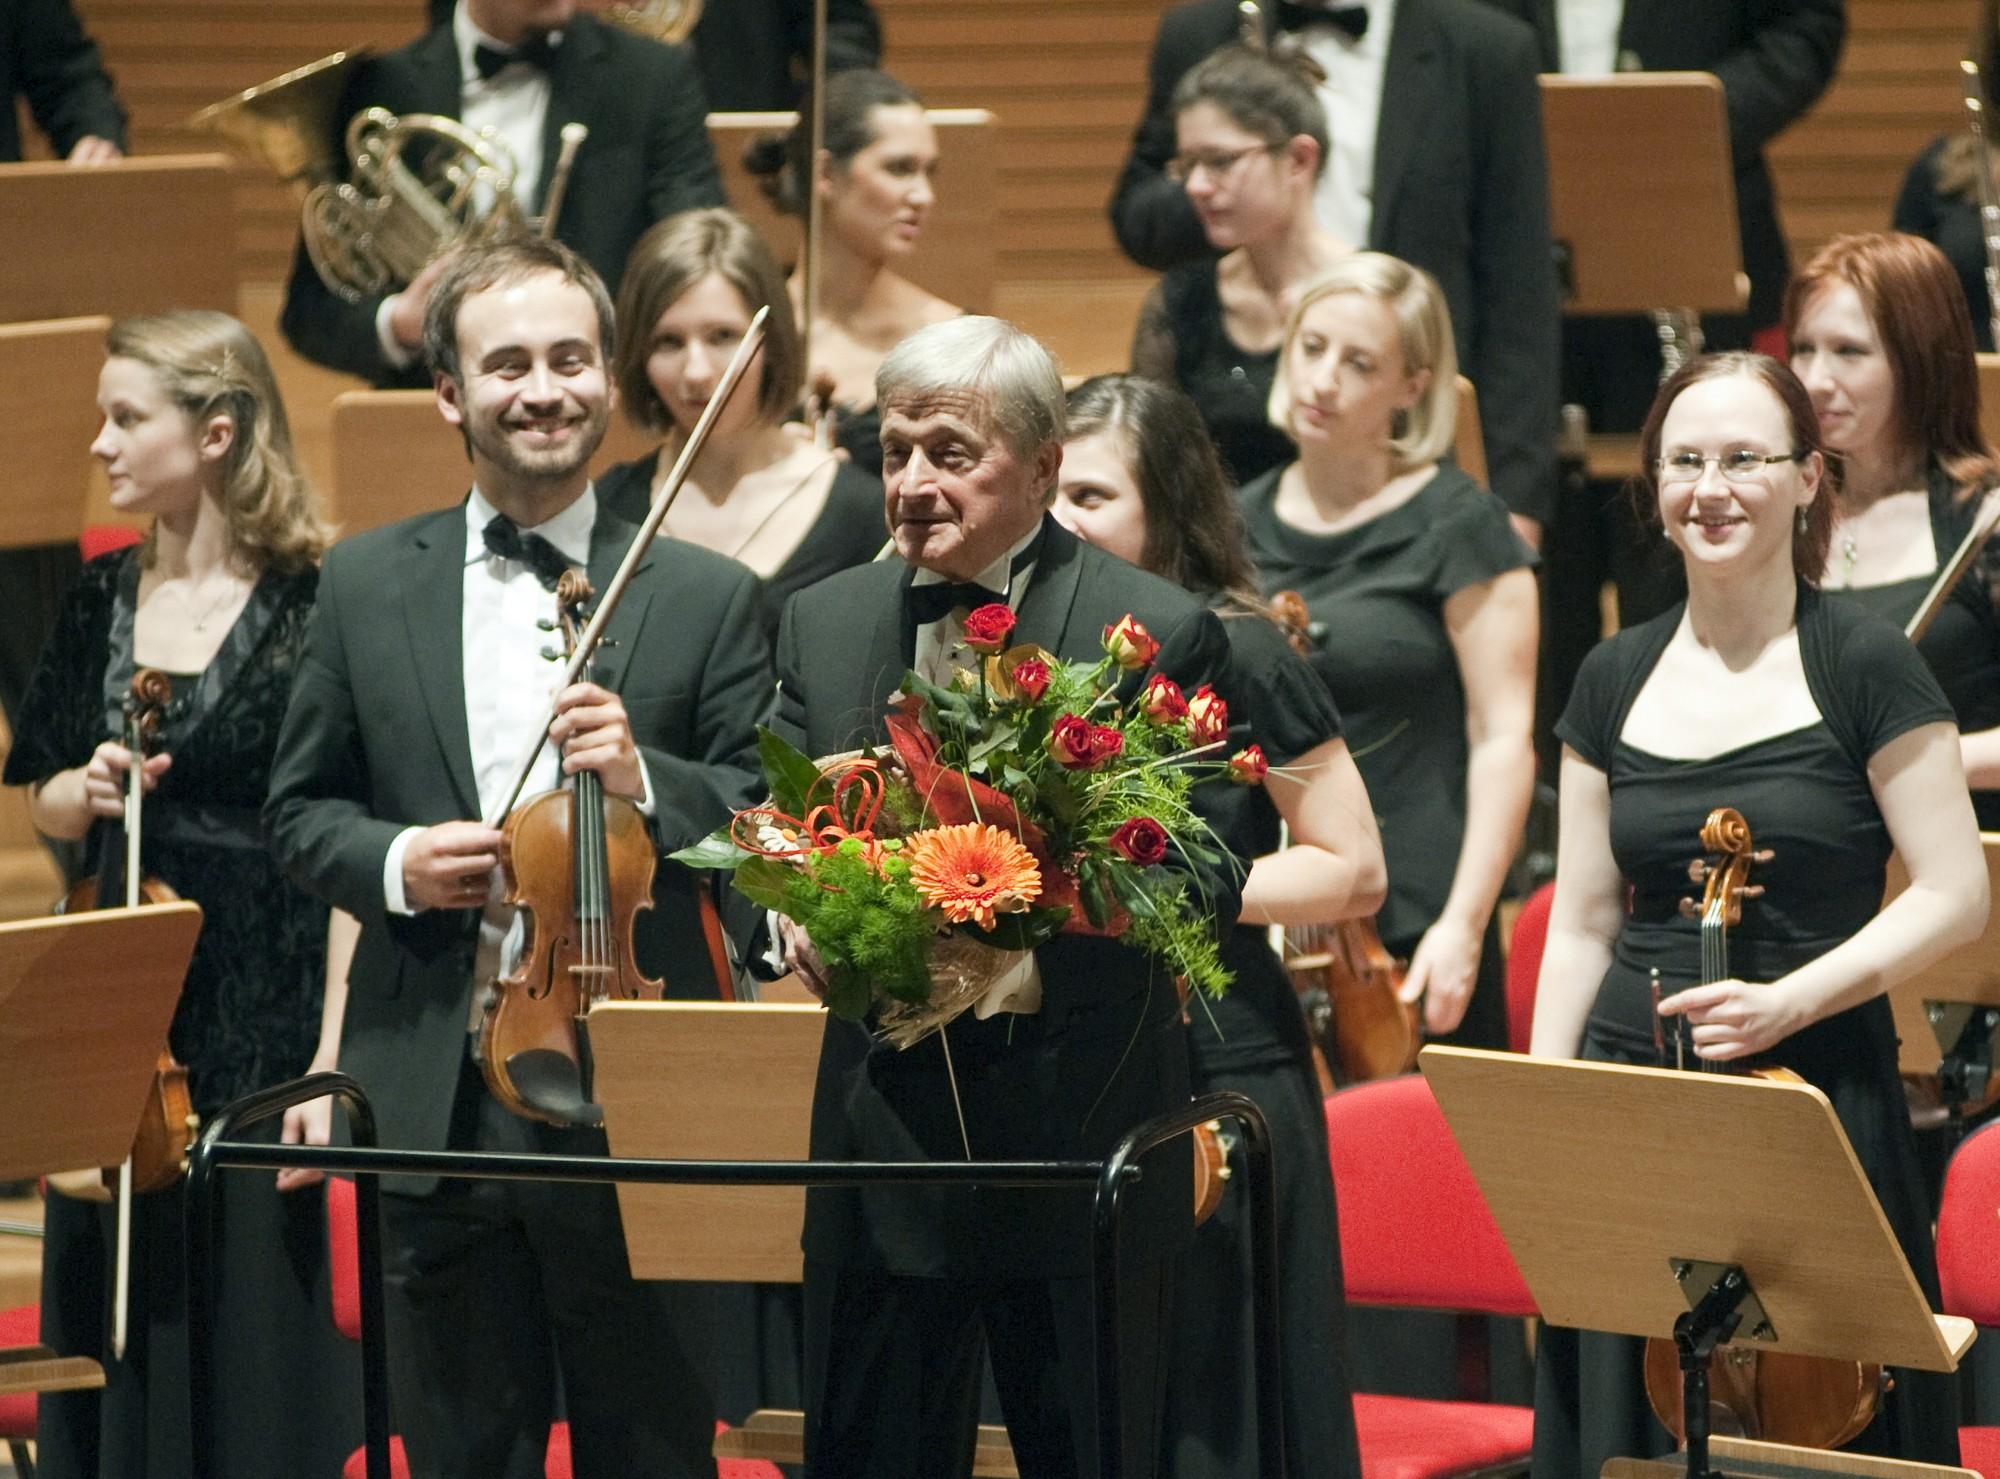 Tadeusz Strugała i Polska Orkiesrta Sinfonia Iuvntus w Sali Koncertowej Akademii Muzycznej w Katowicach (źródło: materiały prasowe organizatora)